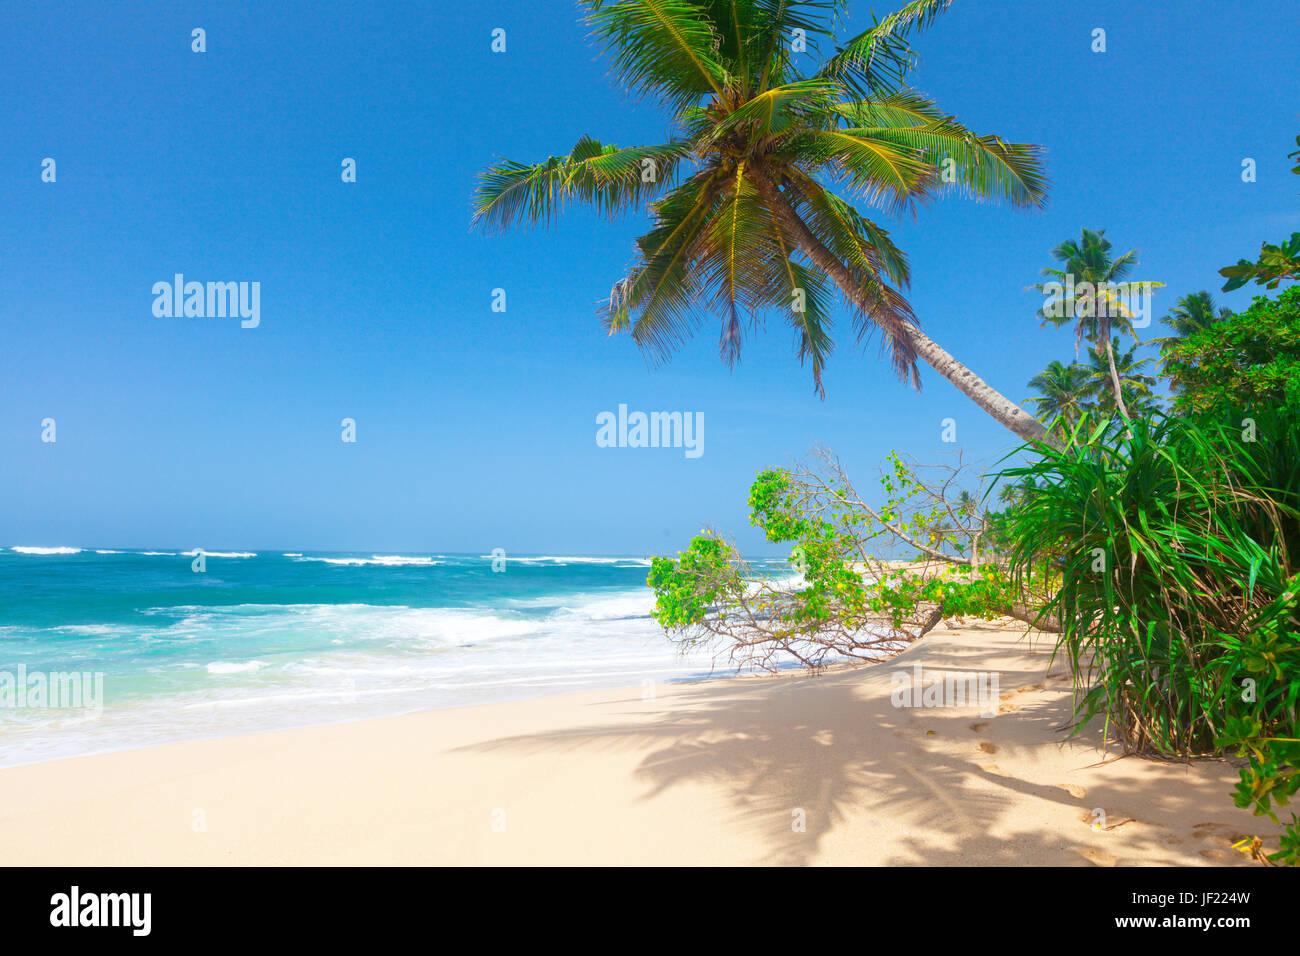 Playa tropical con palmeras de coco Imagen De Stock